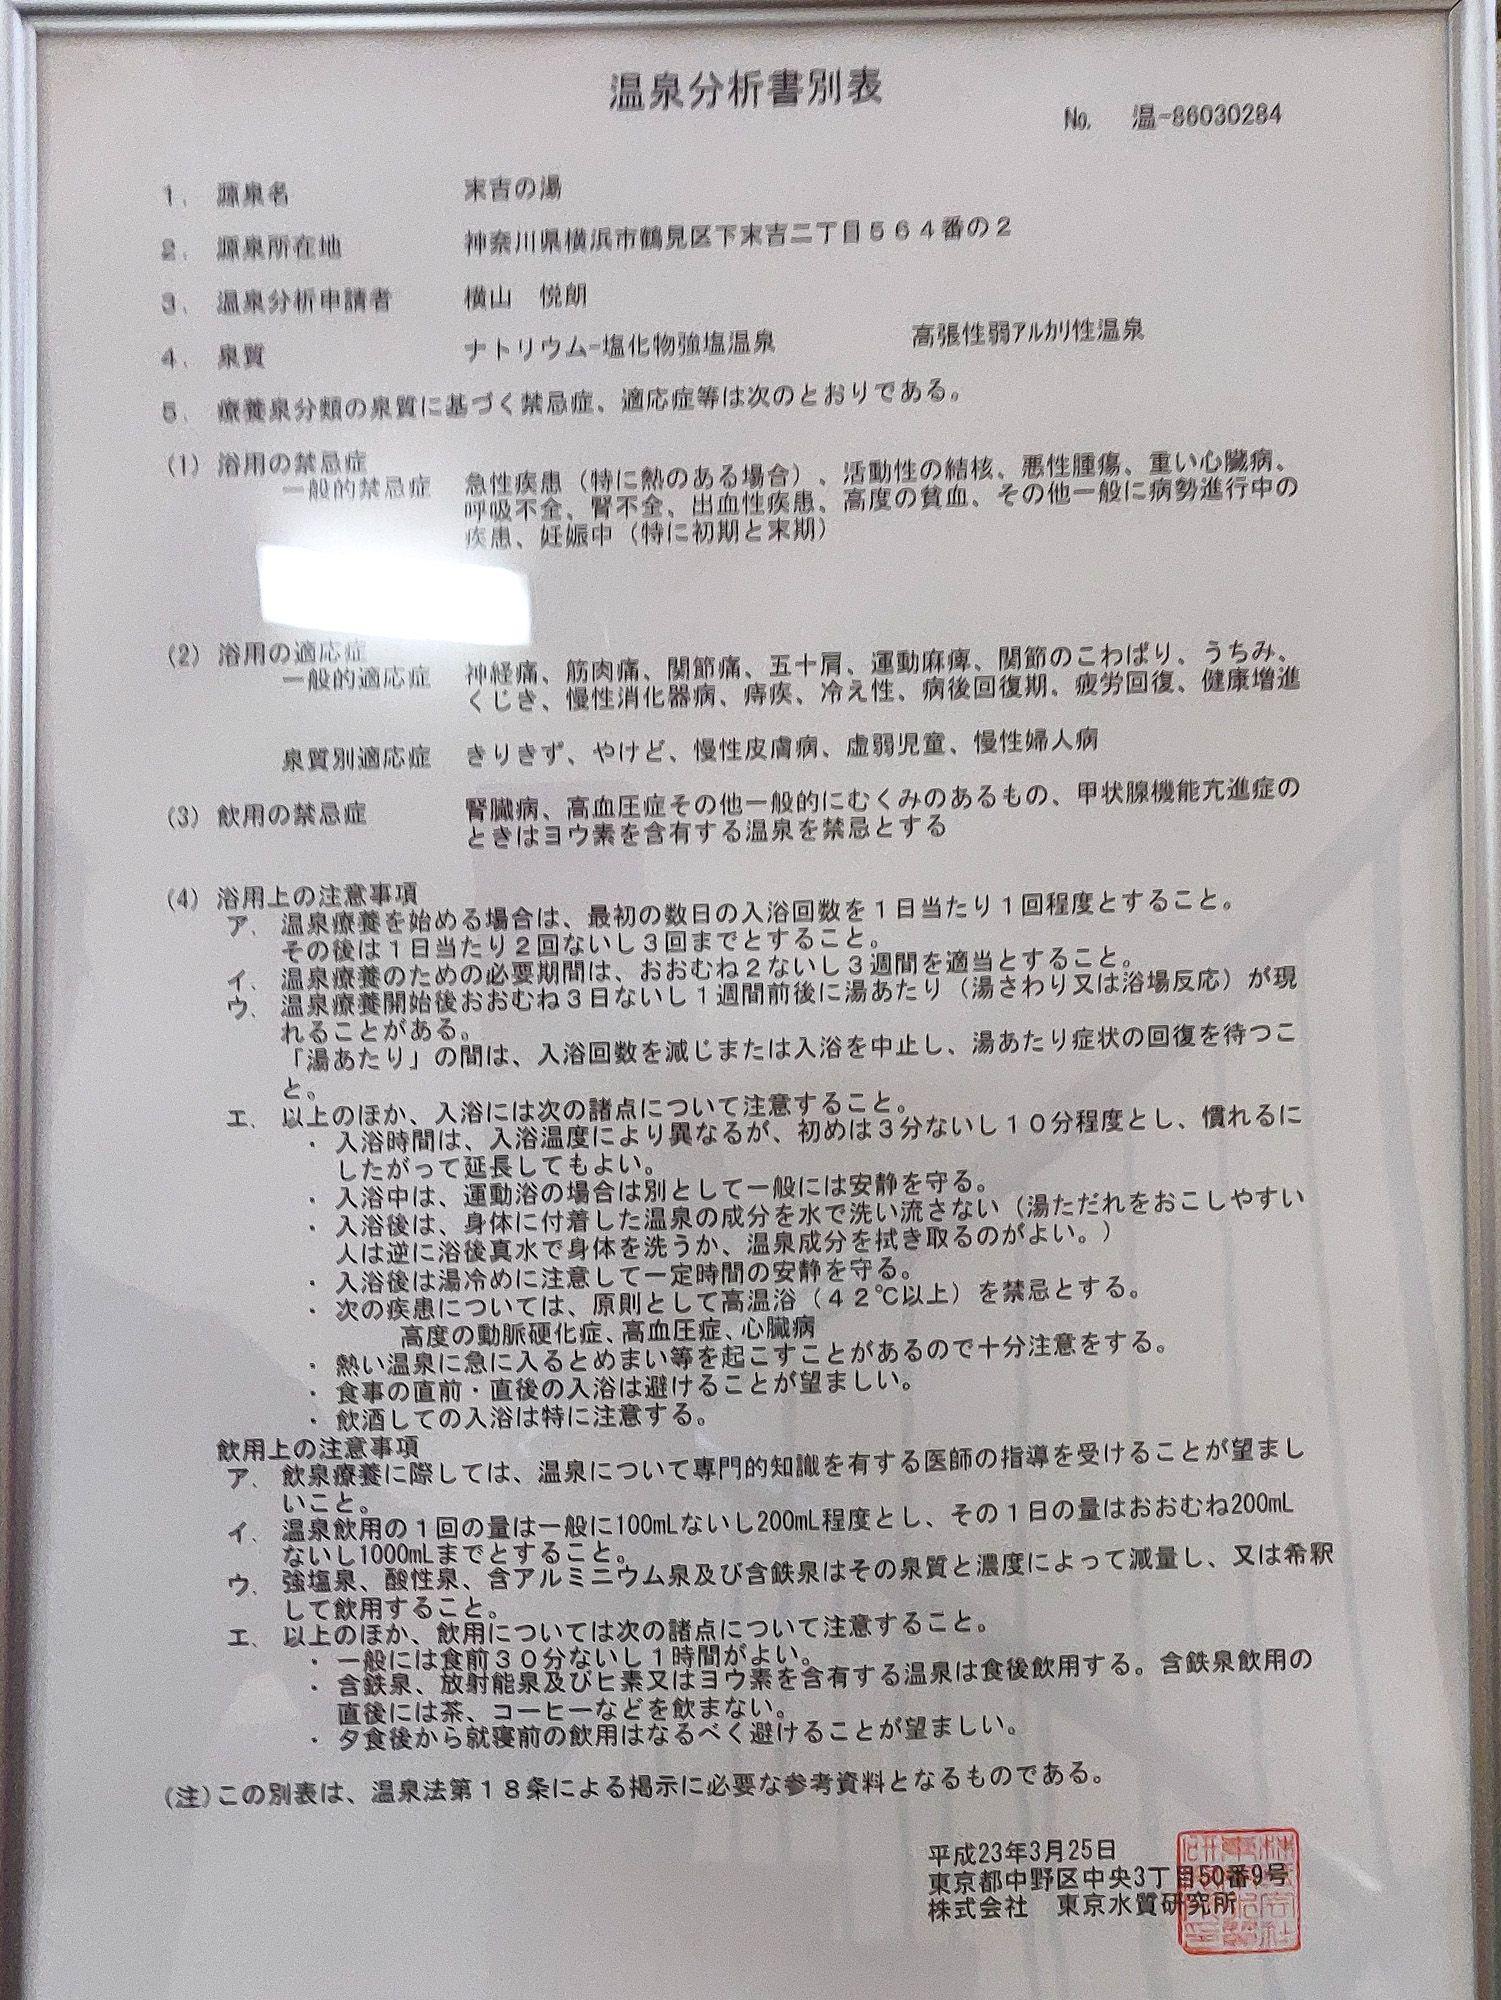 ユーランド鶴見 温泉分析書別表